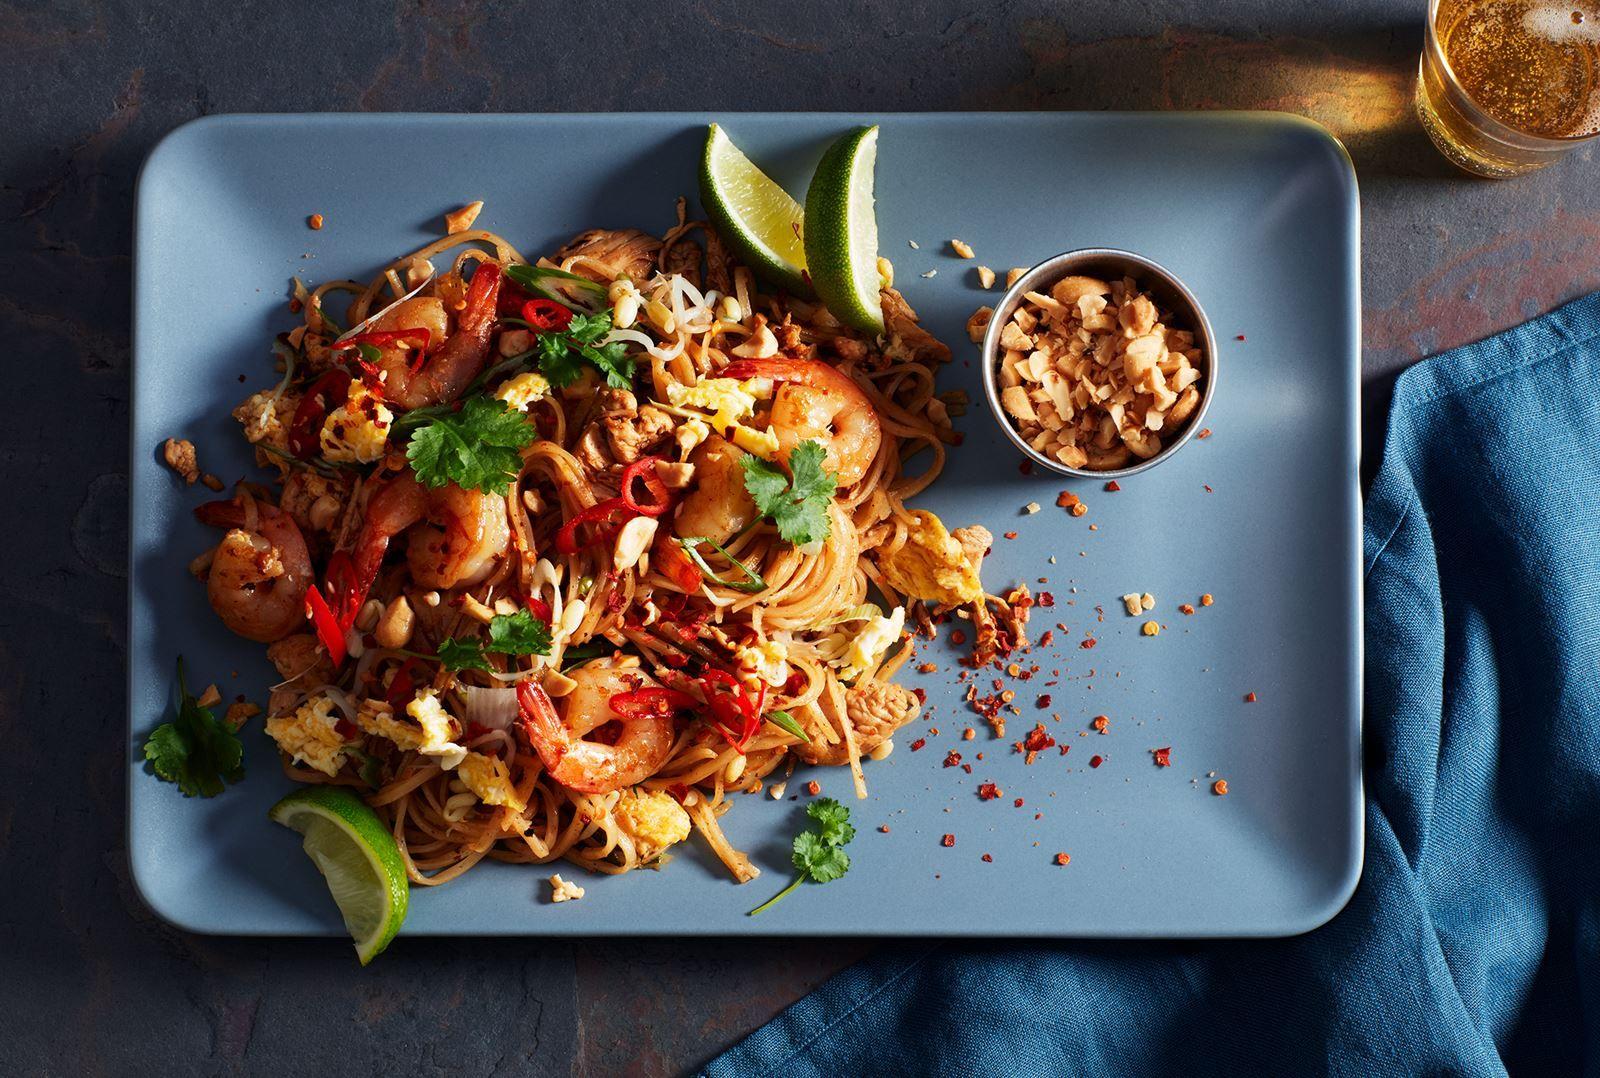 Pad thai Recept i 2020 Paprikor, Maträtt, Matlagning